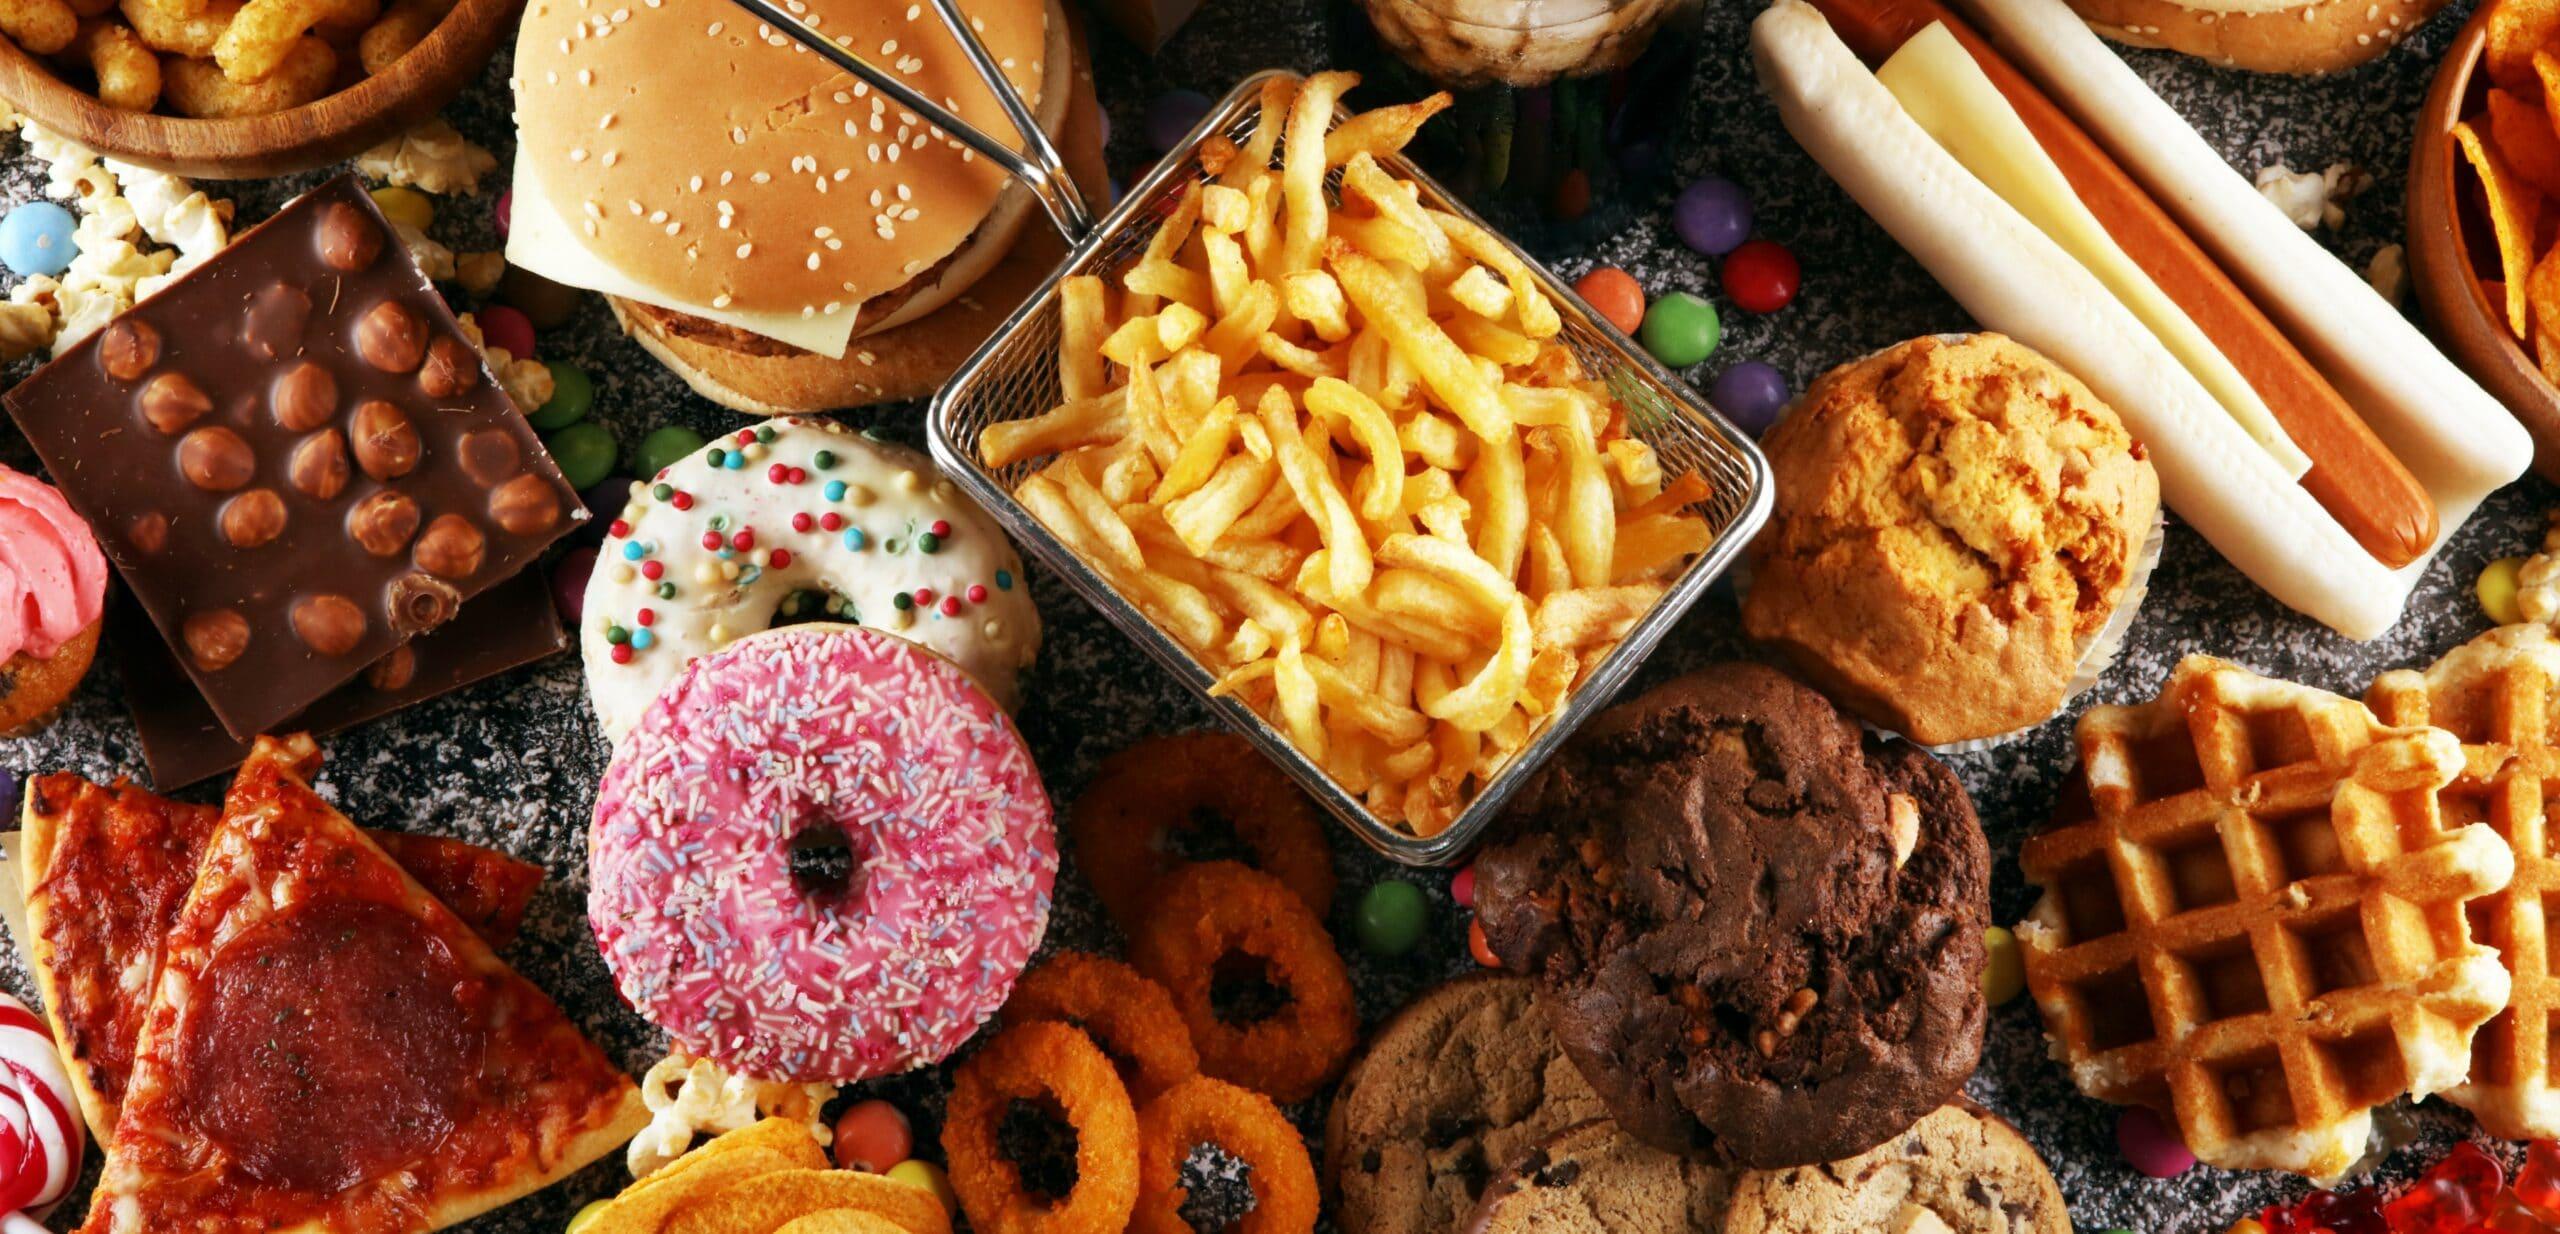 dieta e cibi da evitare per asciugare il fisico